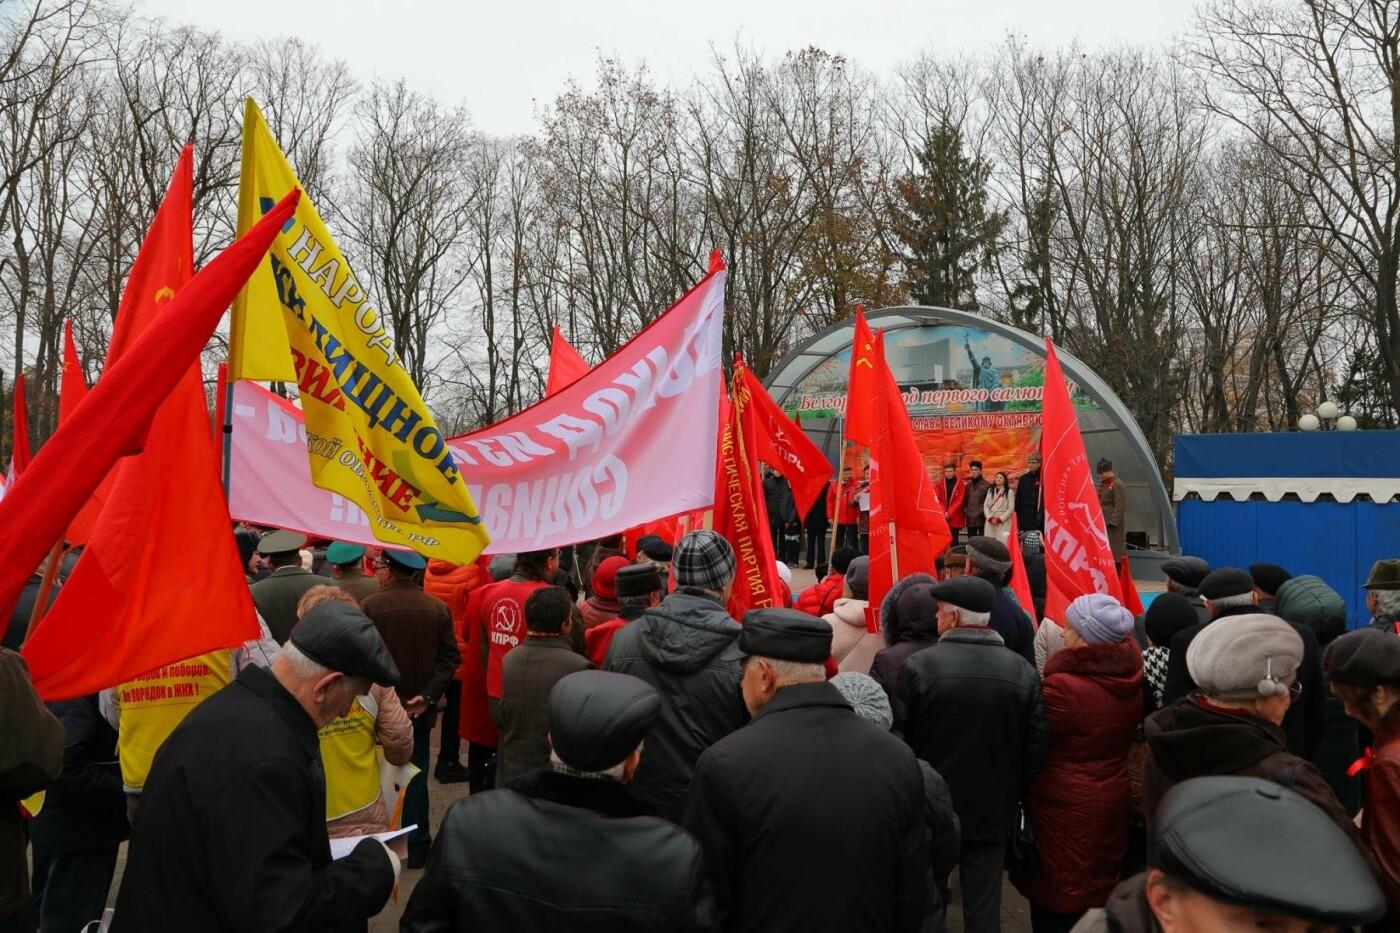 В парке Победы прошла демонстрация в честь 100-летия революции, фото-2